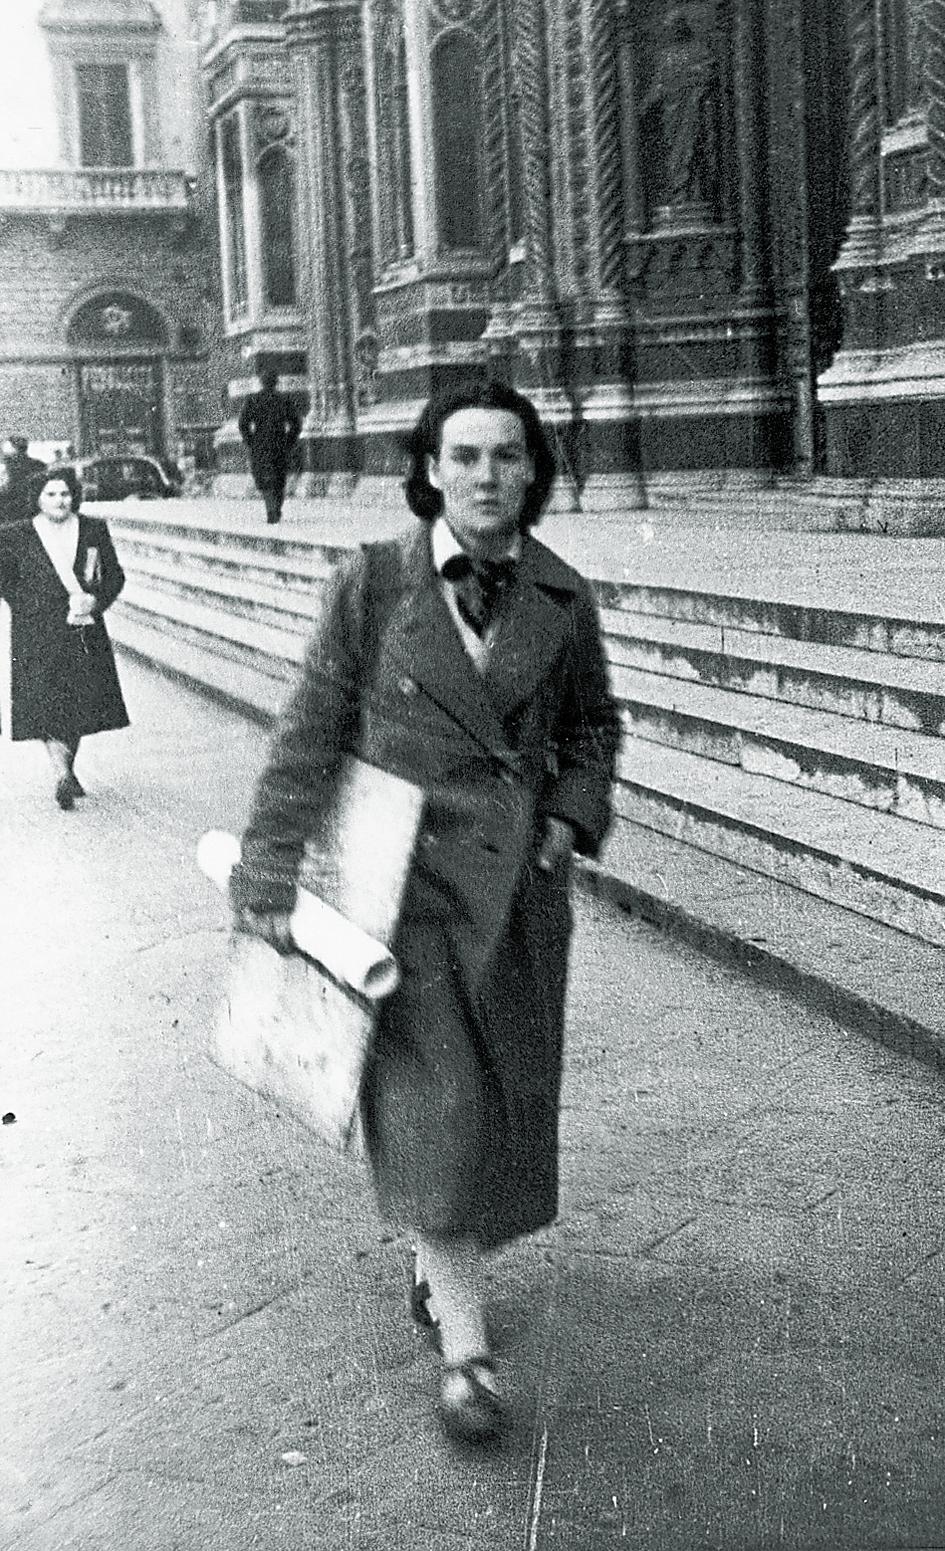 Joan Eardley's Sense of Place